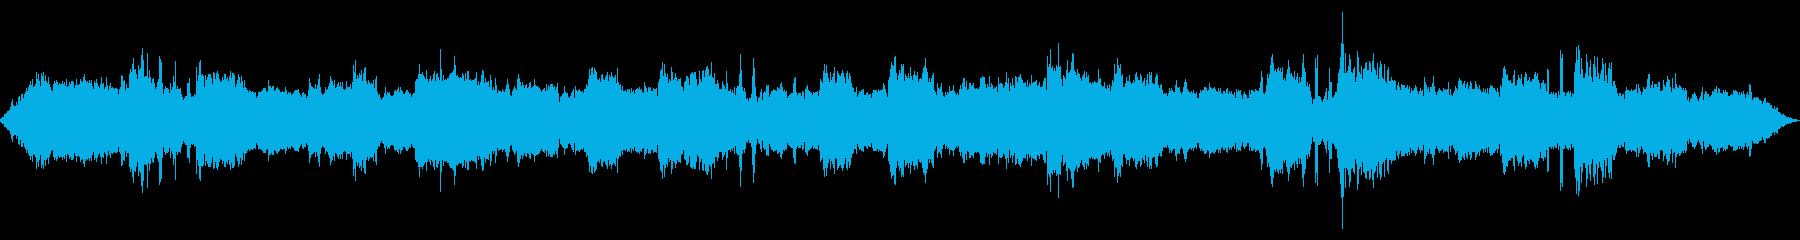 カートン、フューチャーマシン、バー...の再生済みの波形